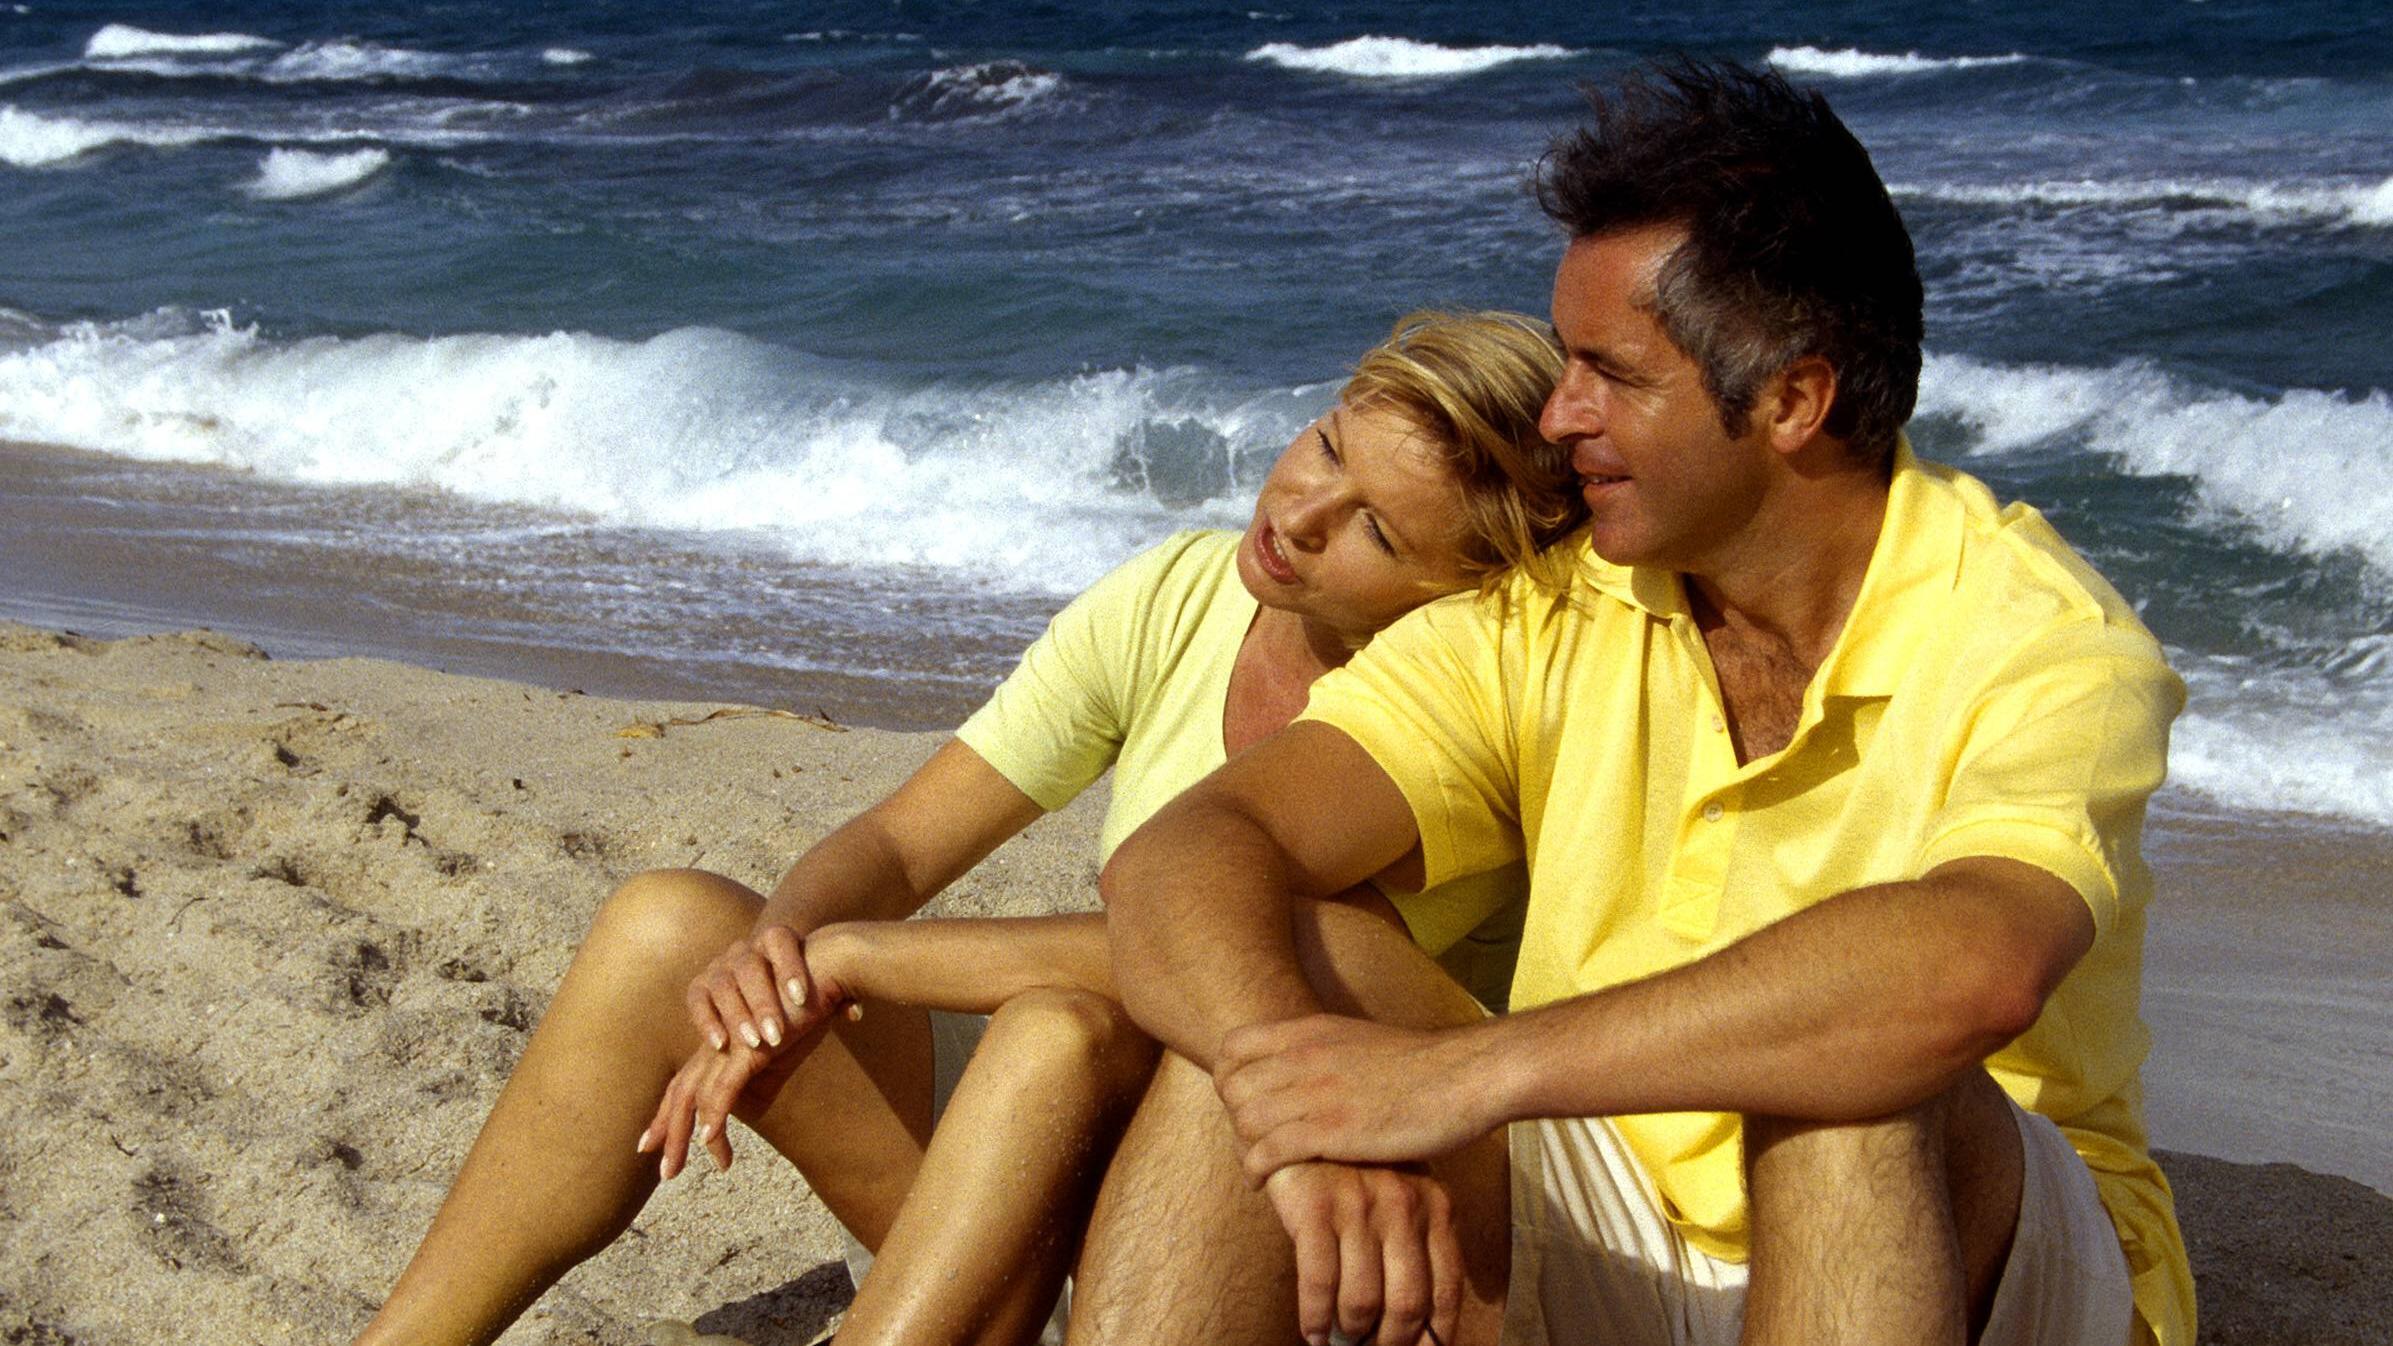 Urlaub ohne Kinder: Tipps und Hinweise für die Zeit zu zweit